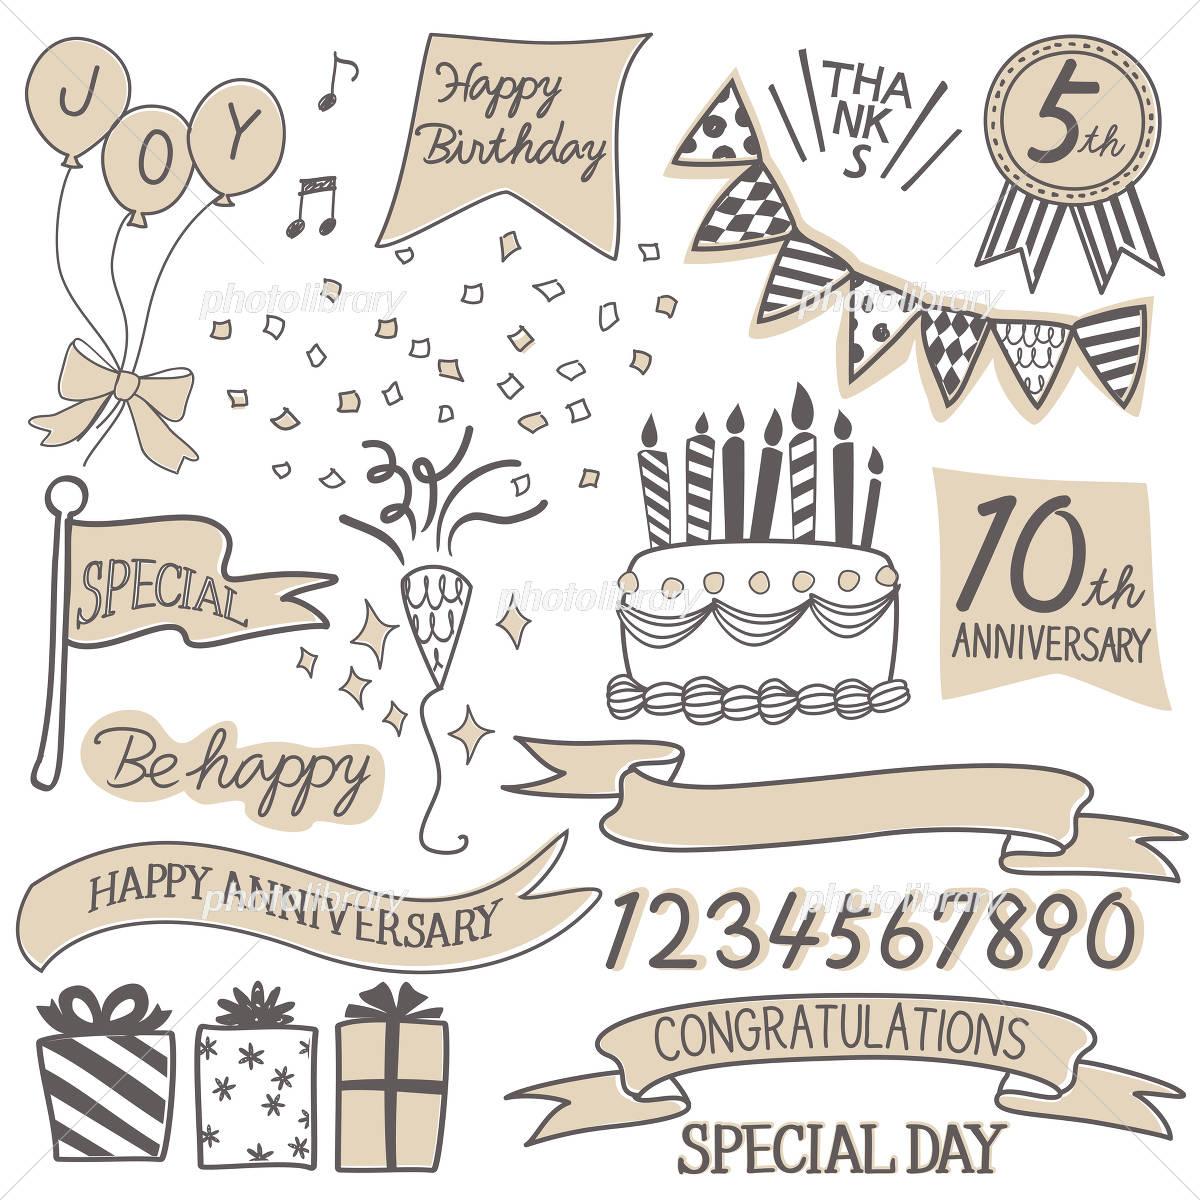 手書き風 アニバーサリー 周年 記念 デザイン イラスト素材 4416517